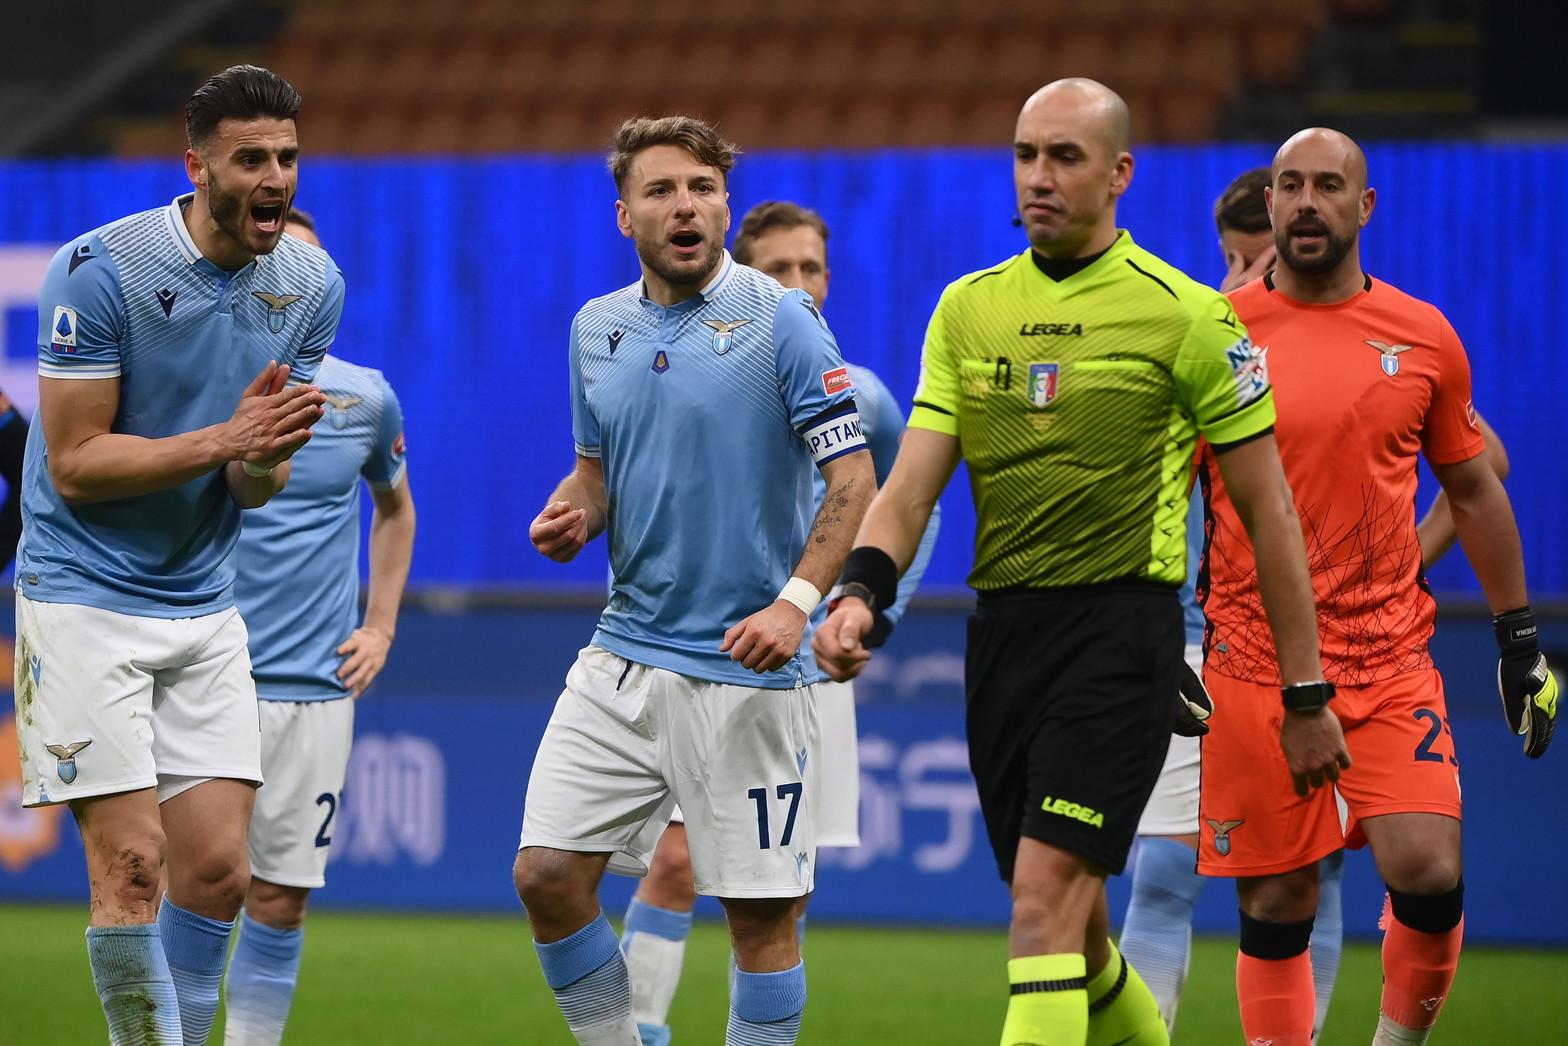 Le migliori immagini di Inter-Lazio 3-1. Nerazzurri in campo con le maglie con scritte in cinesi per festeggiare il Capodanno del paese asiatico.<br /><br />